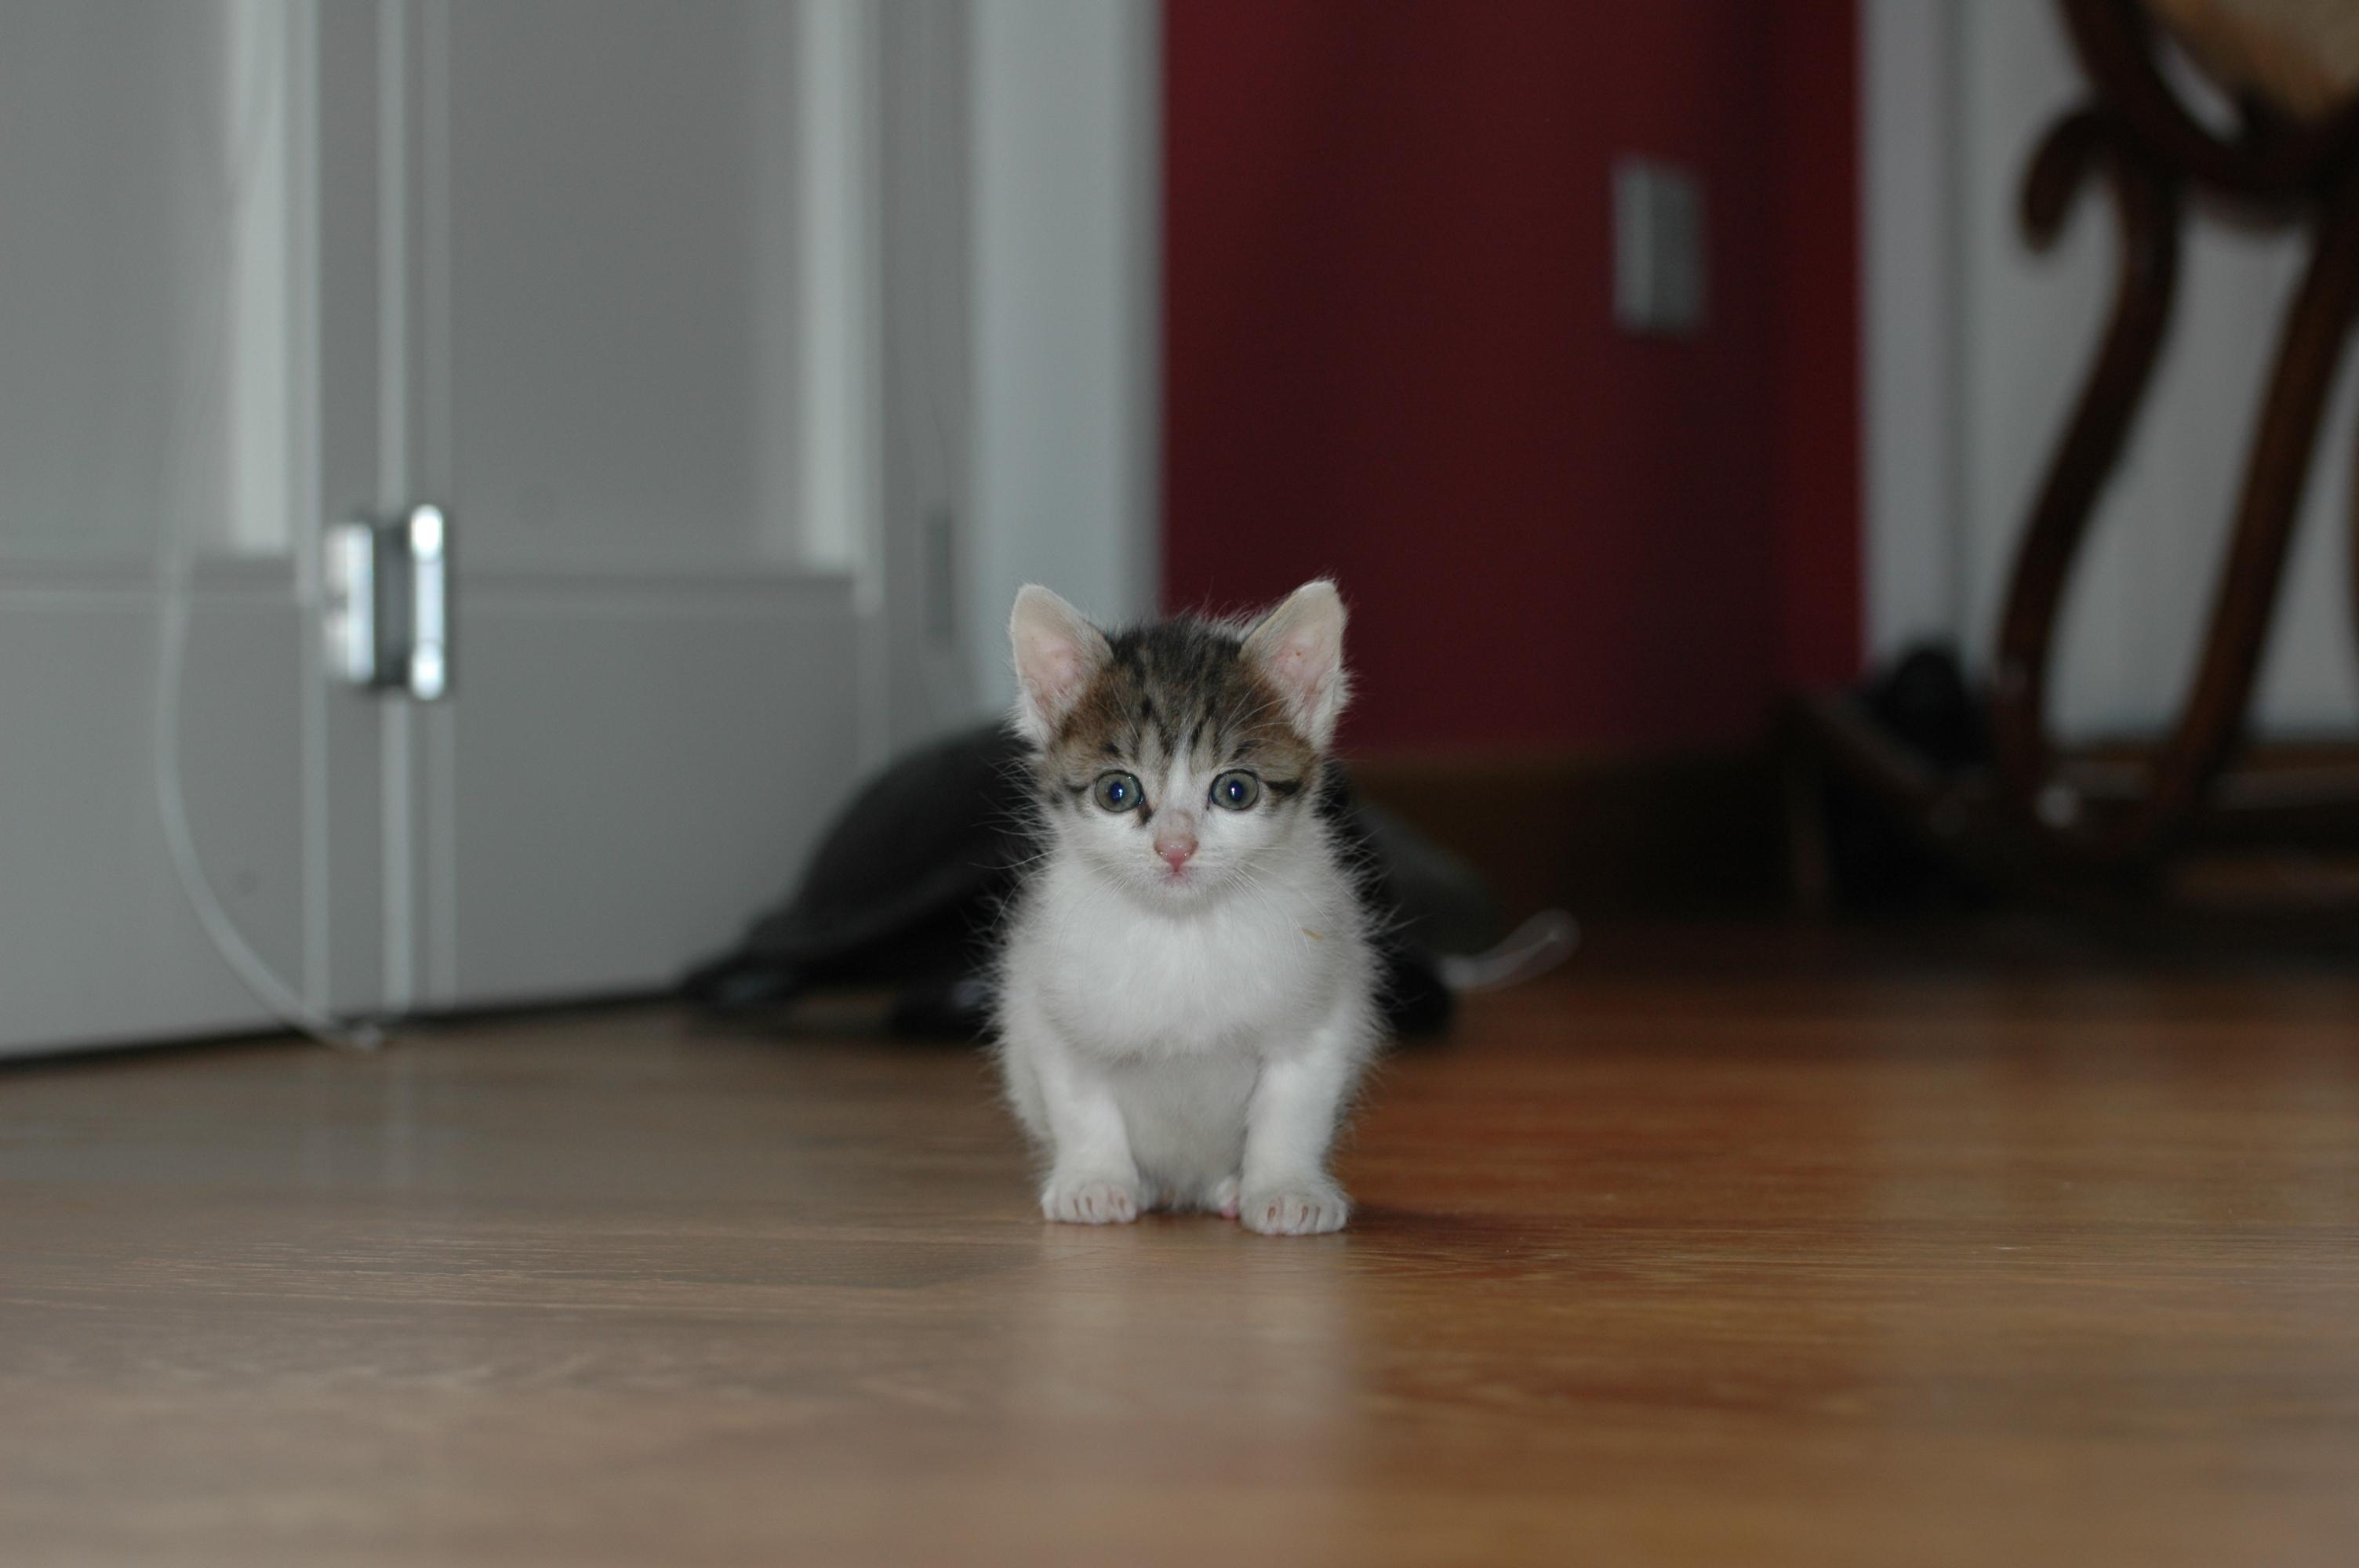 Regalo gattini buttati in pattumiera petpassion - Leroy merlin cheque regalo ...